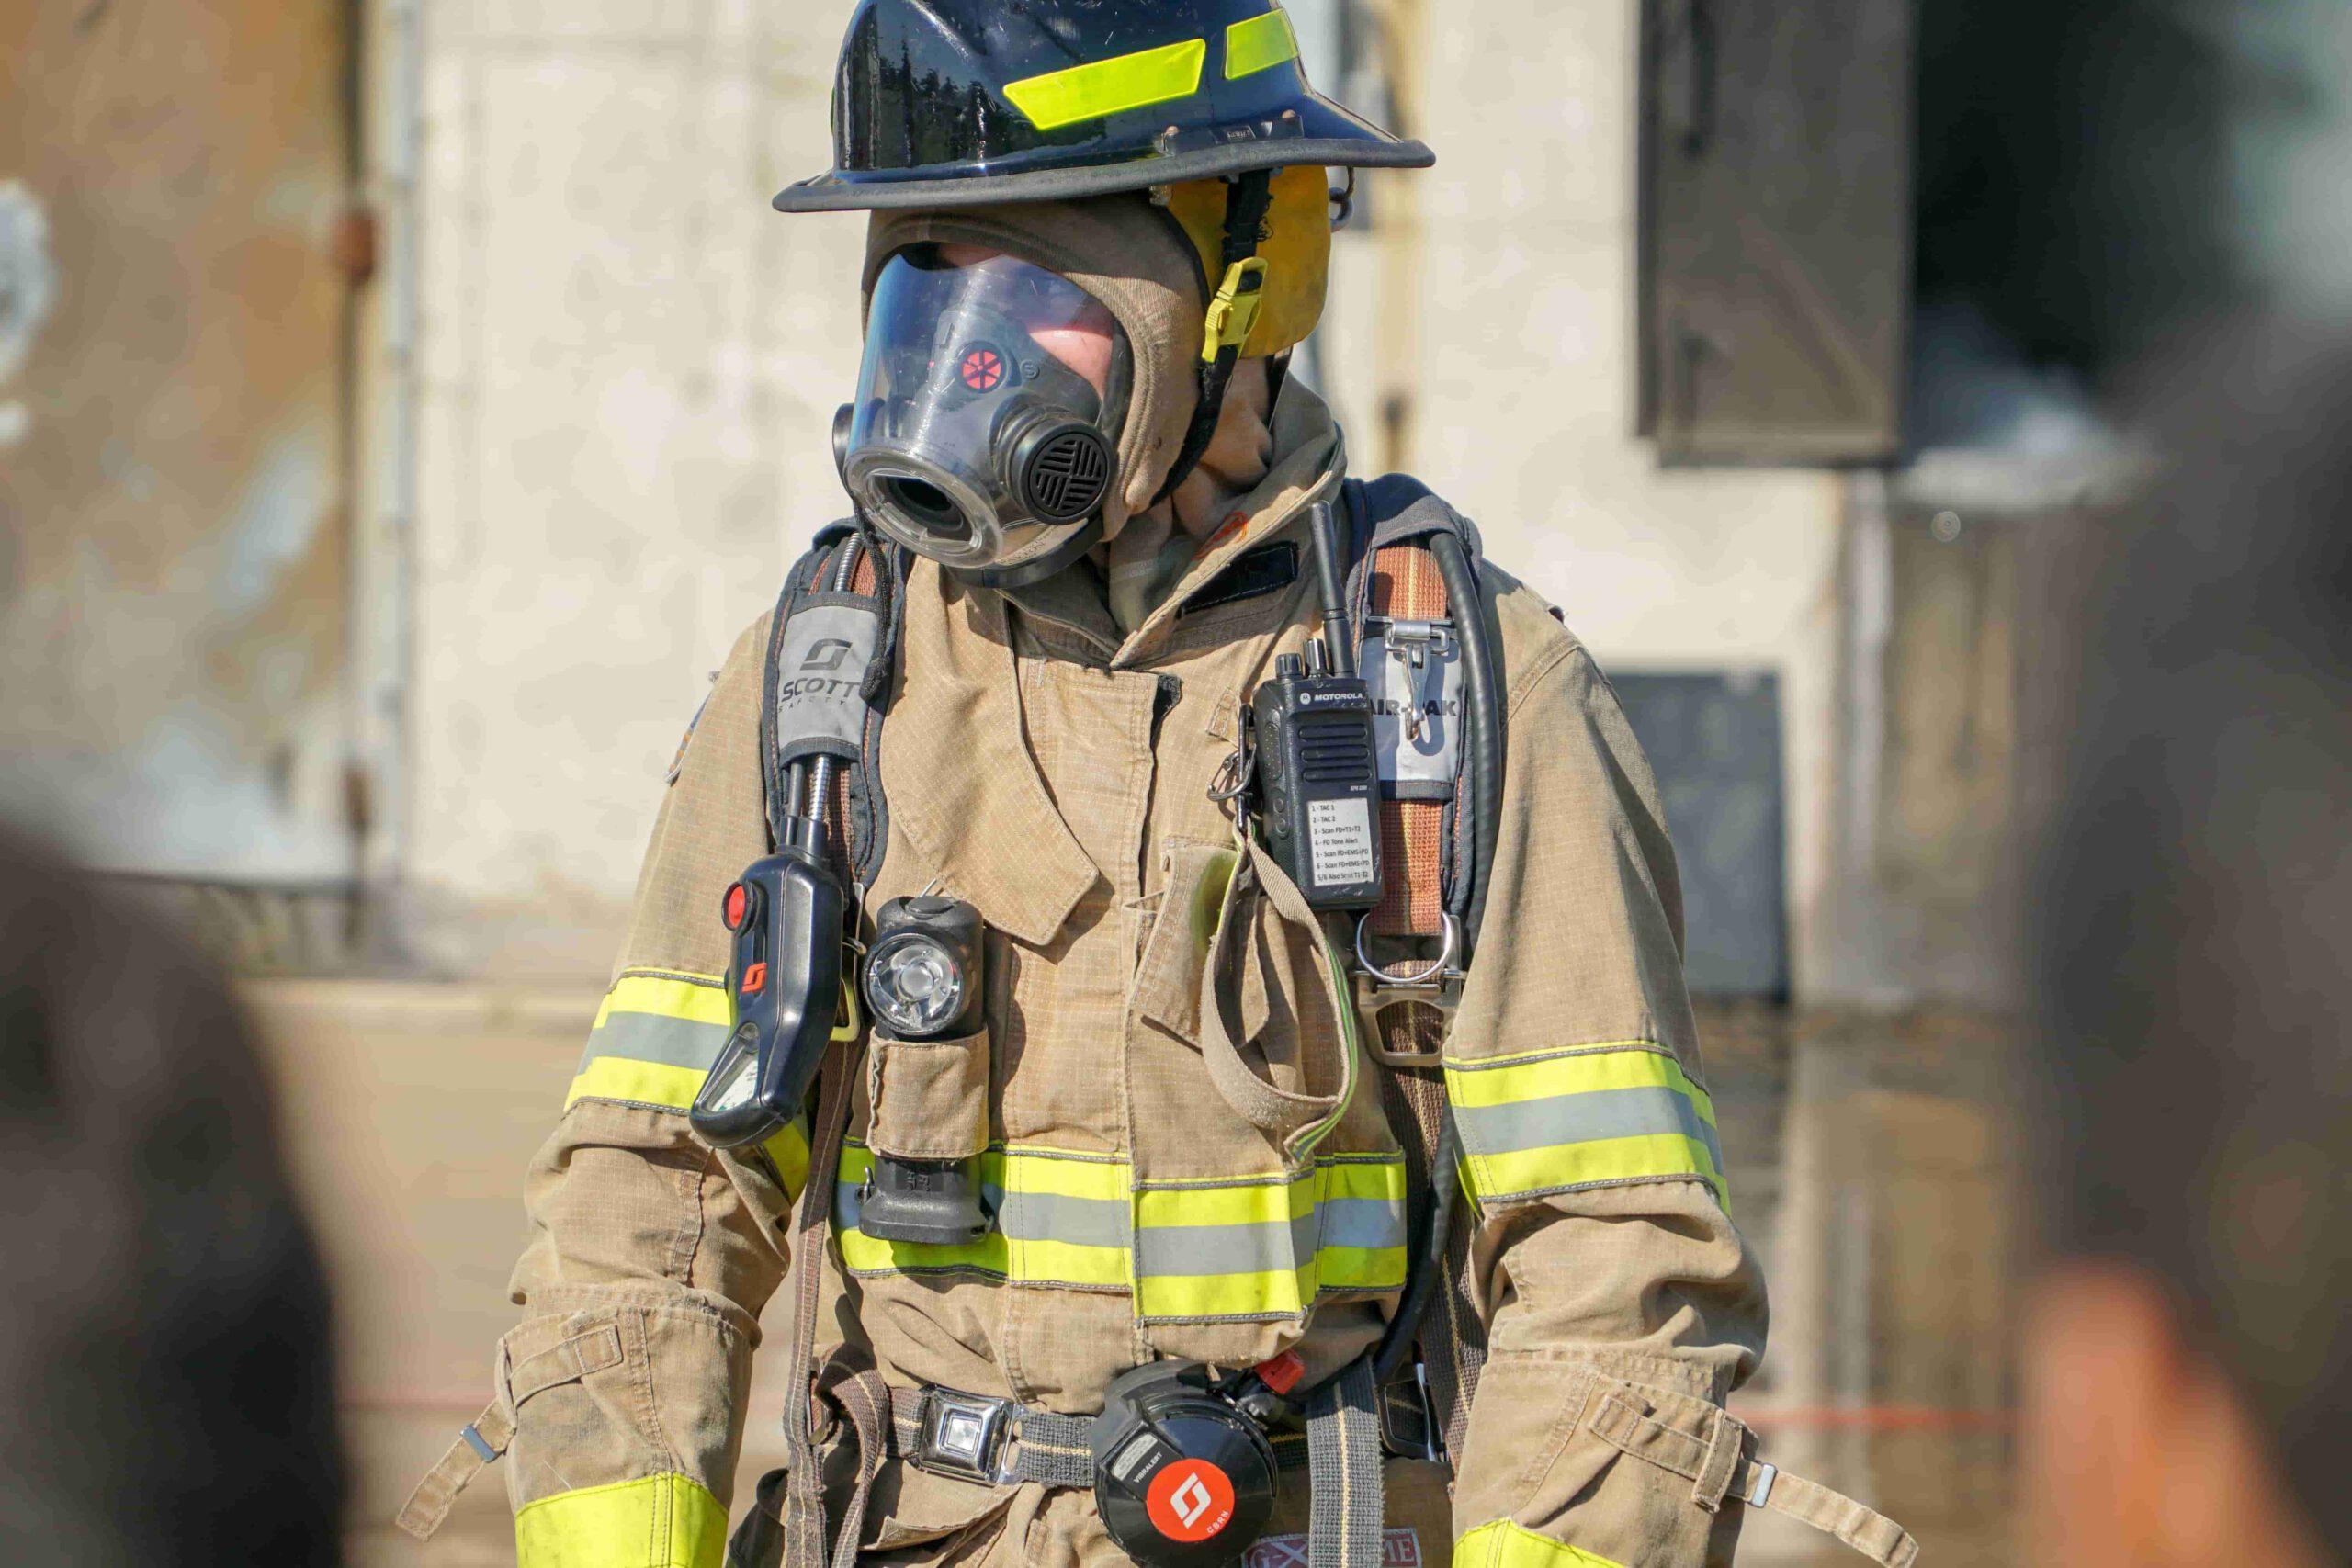 Brandweer oefenmateriaal